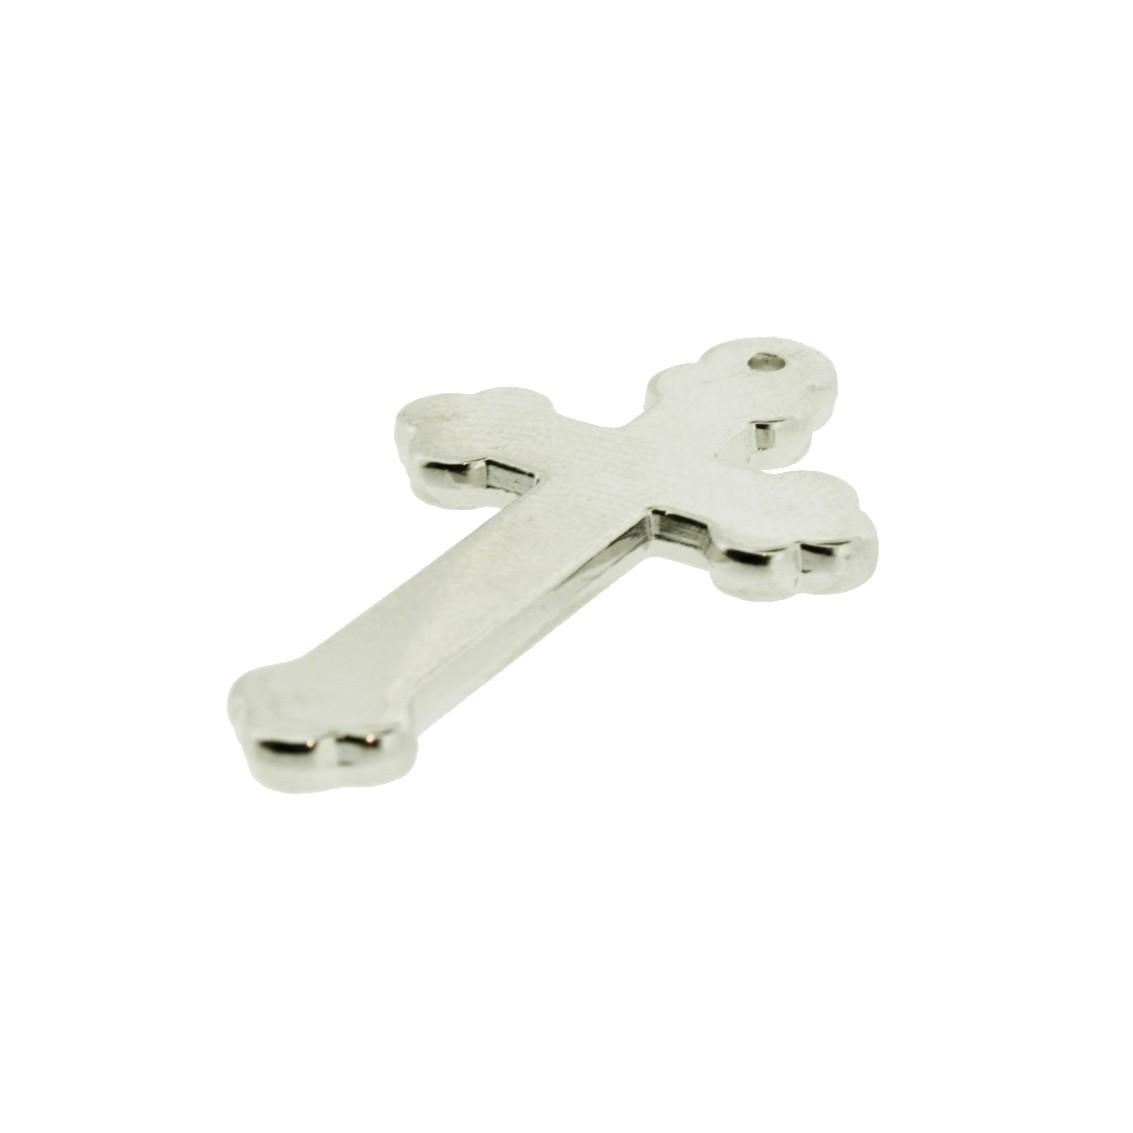 Crucifixo - ABS - Níquel - 3,5cm - 10 Peças  - Universo Religioso® - Artigos de Umbanda e Candomblé